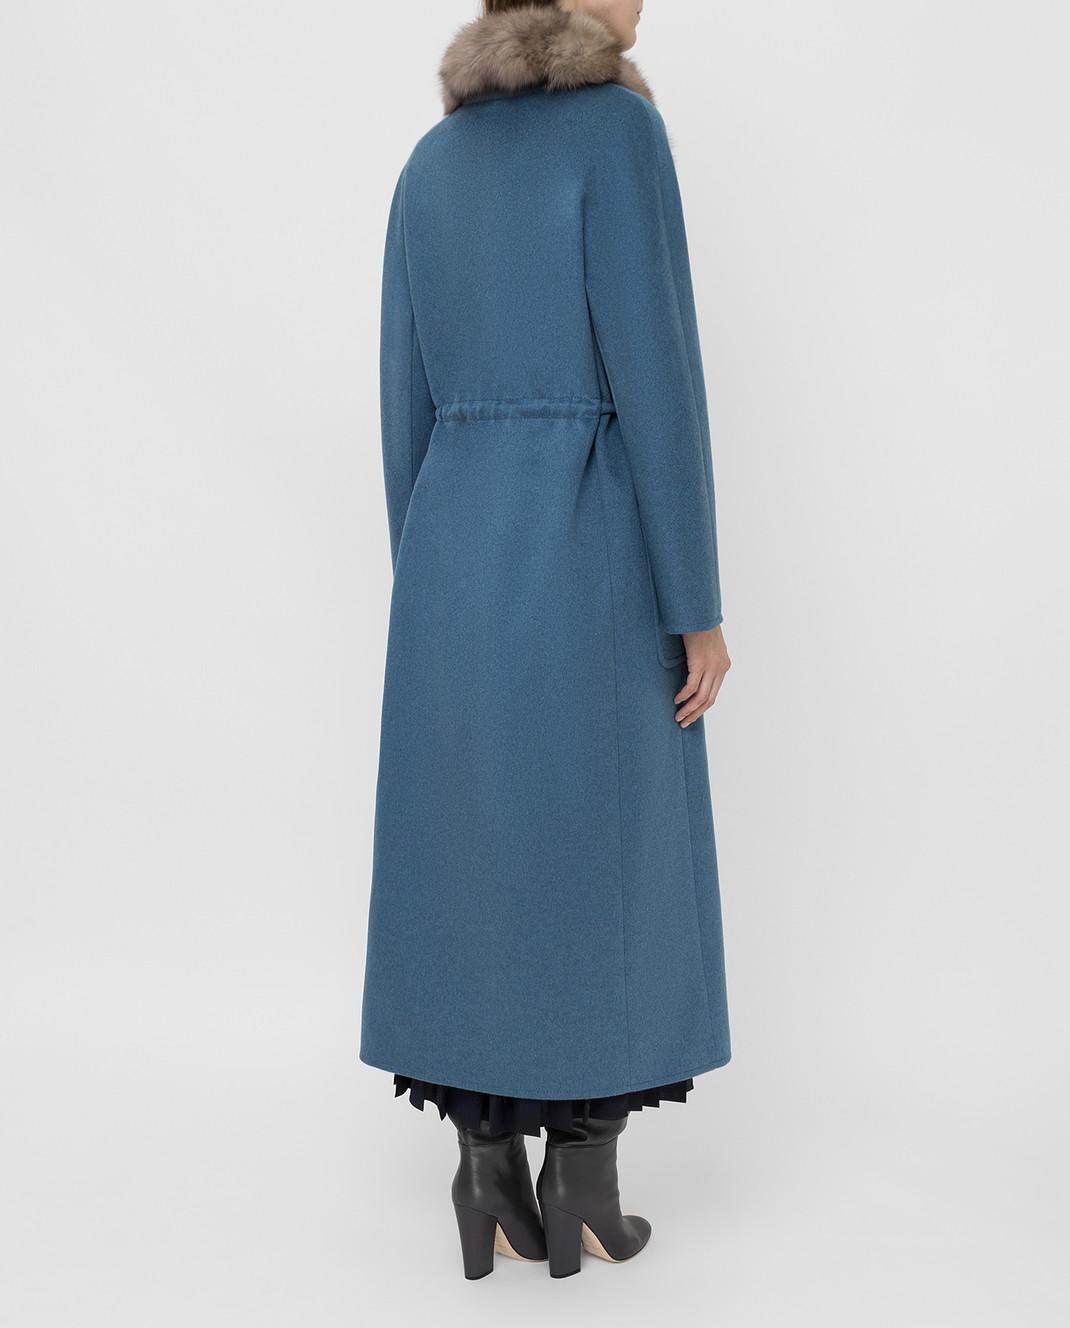 Real Furs House Синее пальто из кашемира с мехом соболя GT01lLIGHTBLUE изображение 4